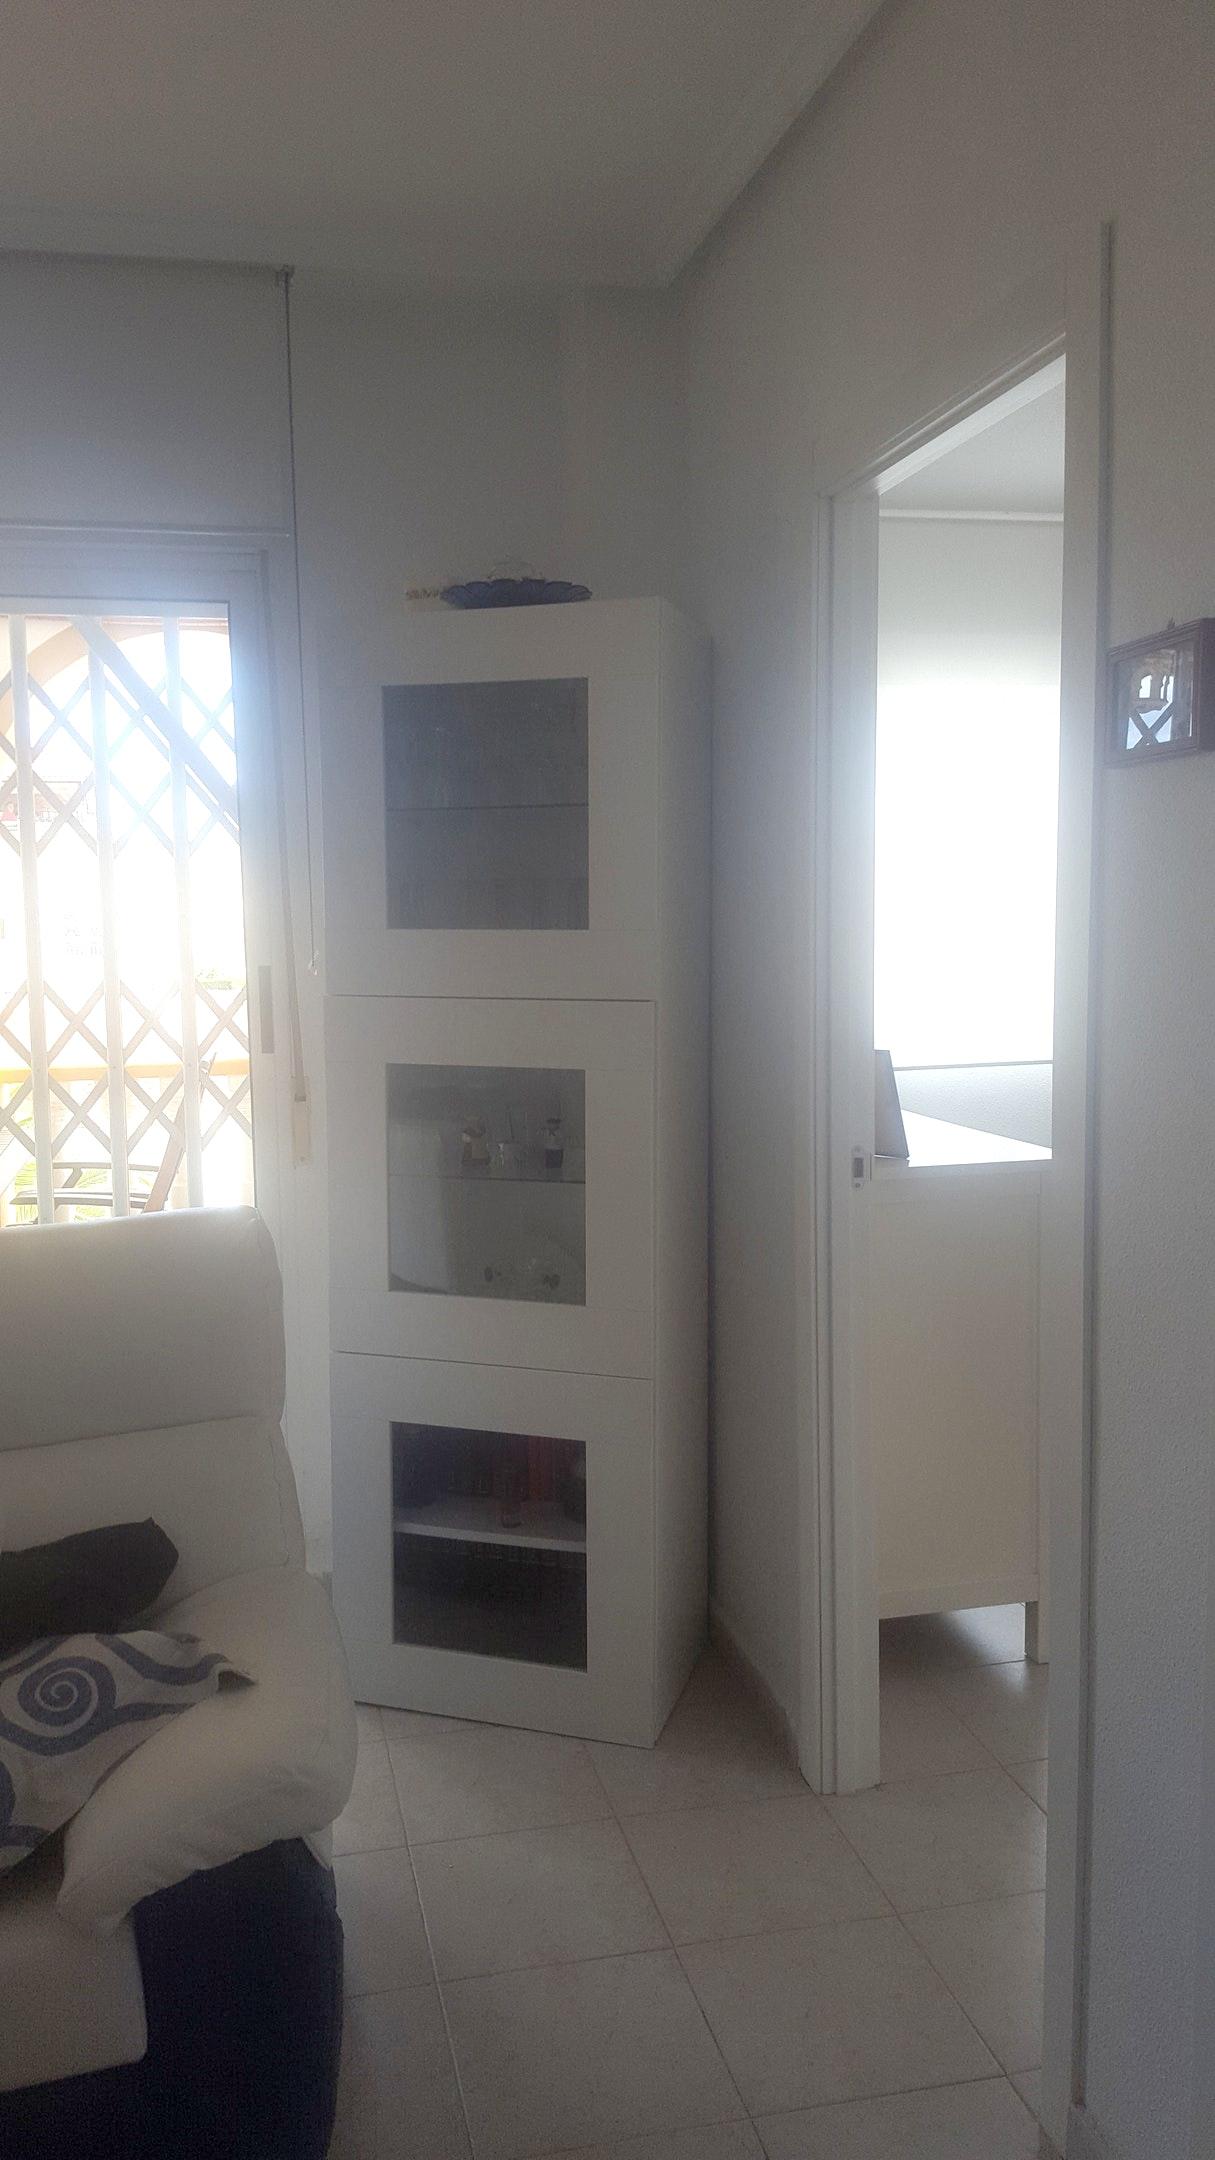 Ferienhaus Haus mit 2 Schlafzimmern in Torrevieja mit Pool, möbliertem Garten und W-LAN (2202043), Torrevieja, Costa Blanca, Valencia, Spanien, Bild 13